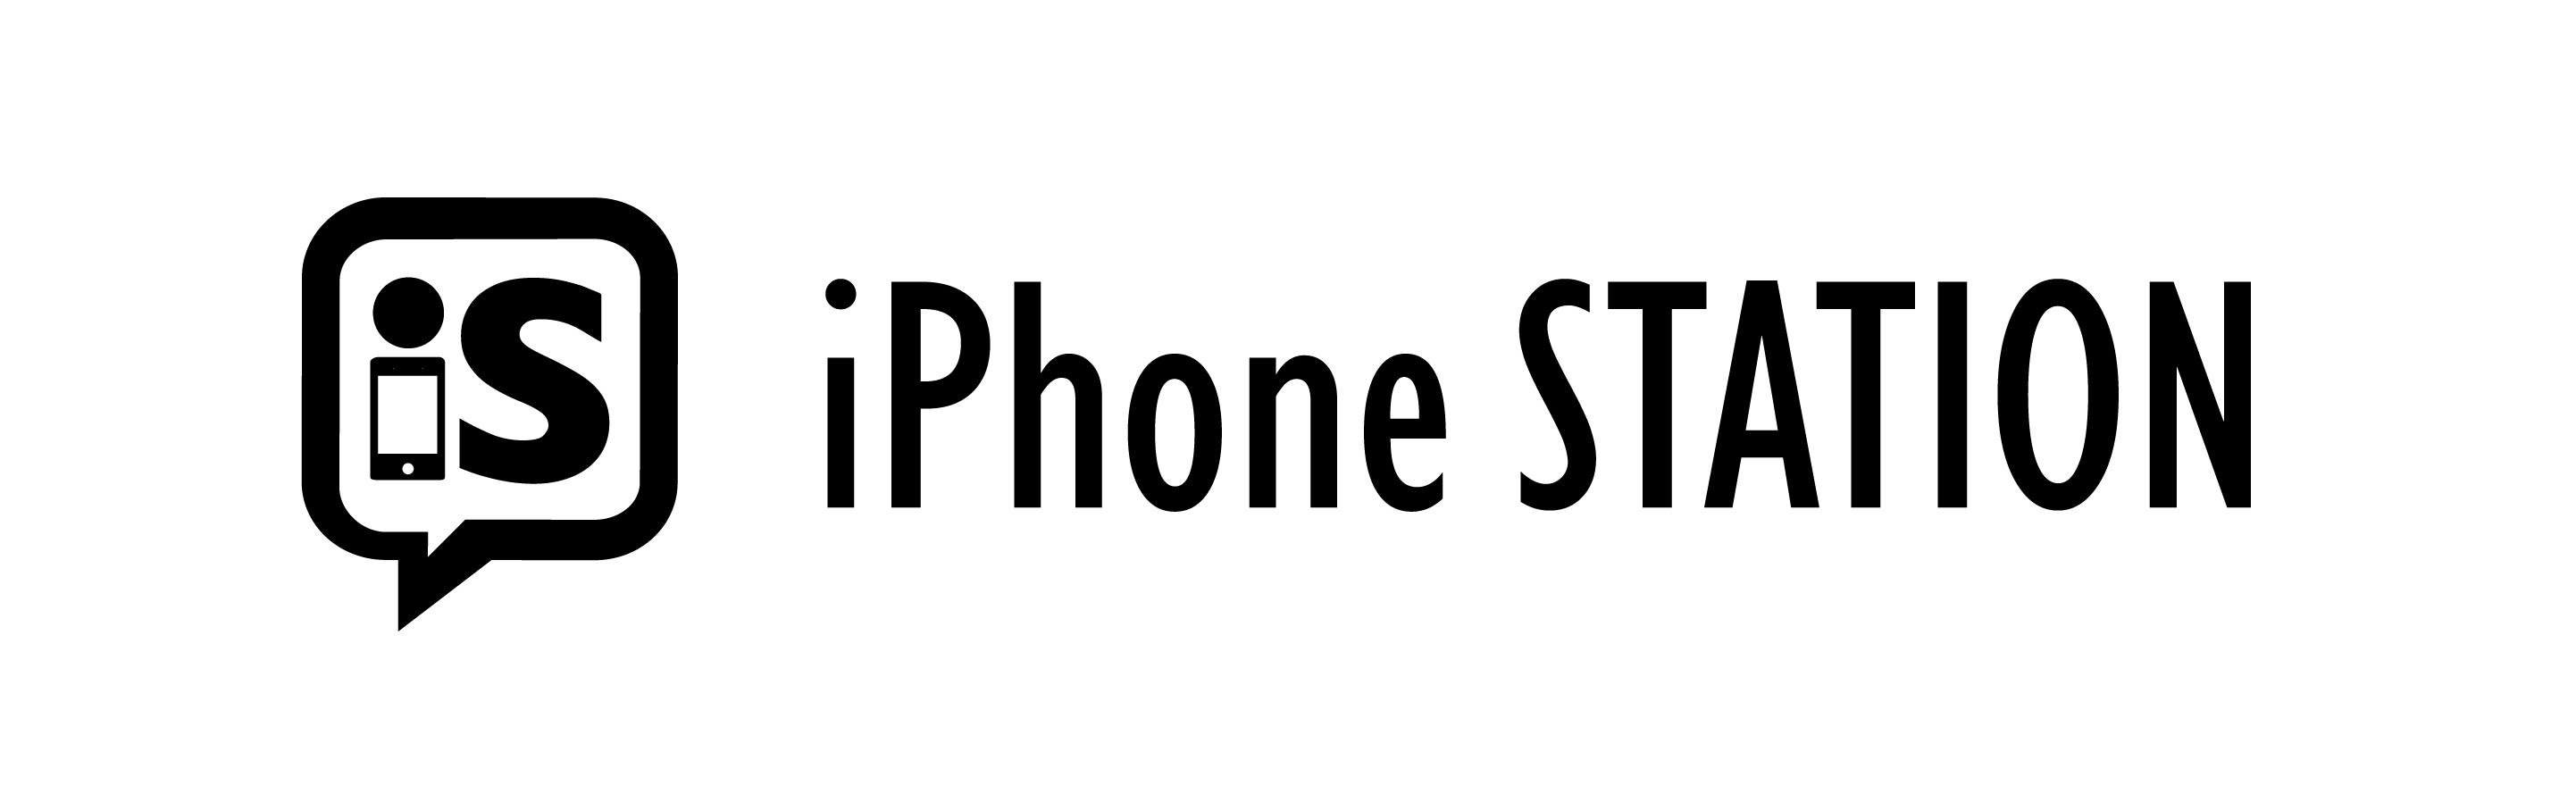 iphoneステーション